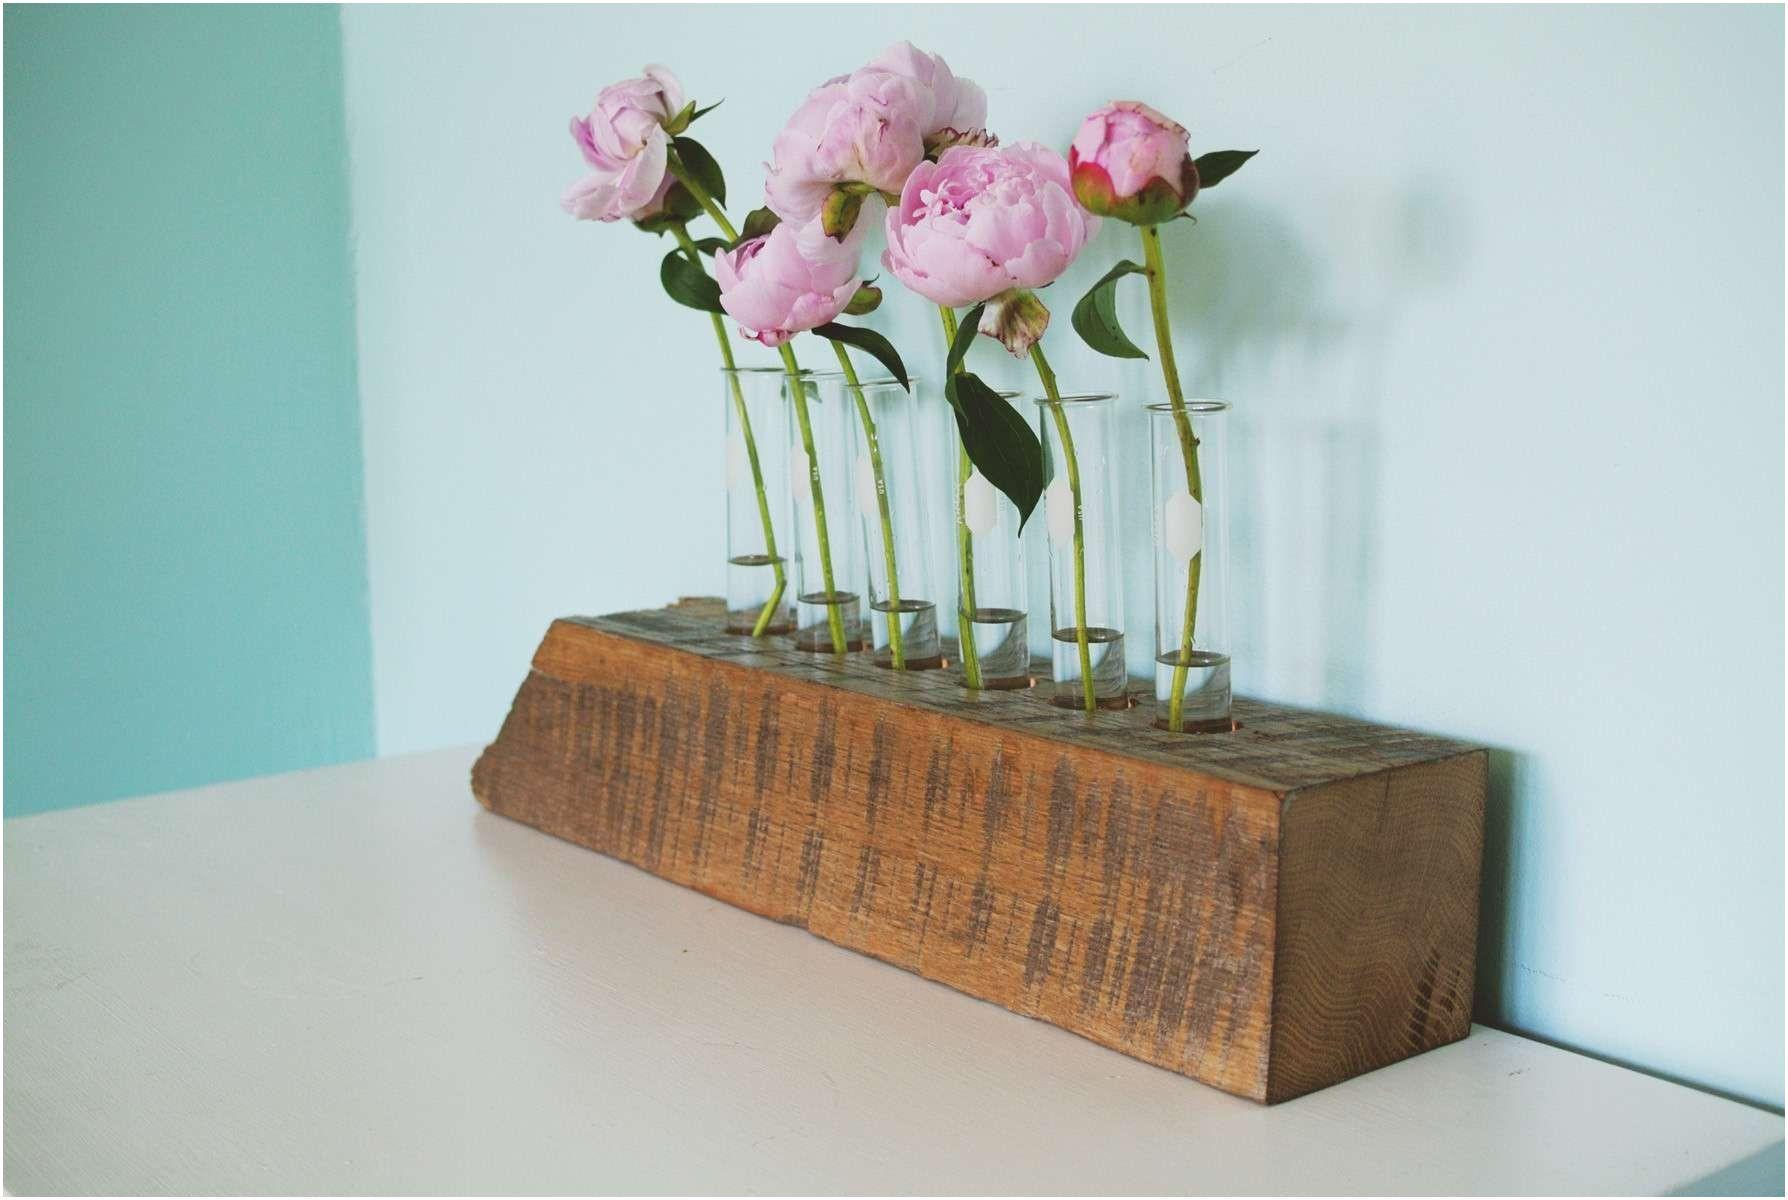 Japanese Ikebana Vases Of Flower Arrangement In Vase Lovely Flower Arrangements Staggering Inside Flower Arrangement In Vase Lovely Flower Arrangements Staggering Vases Vase for E Flower Shaffa I 0d